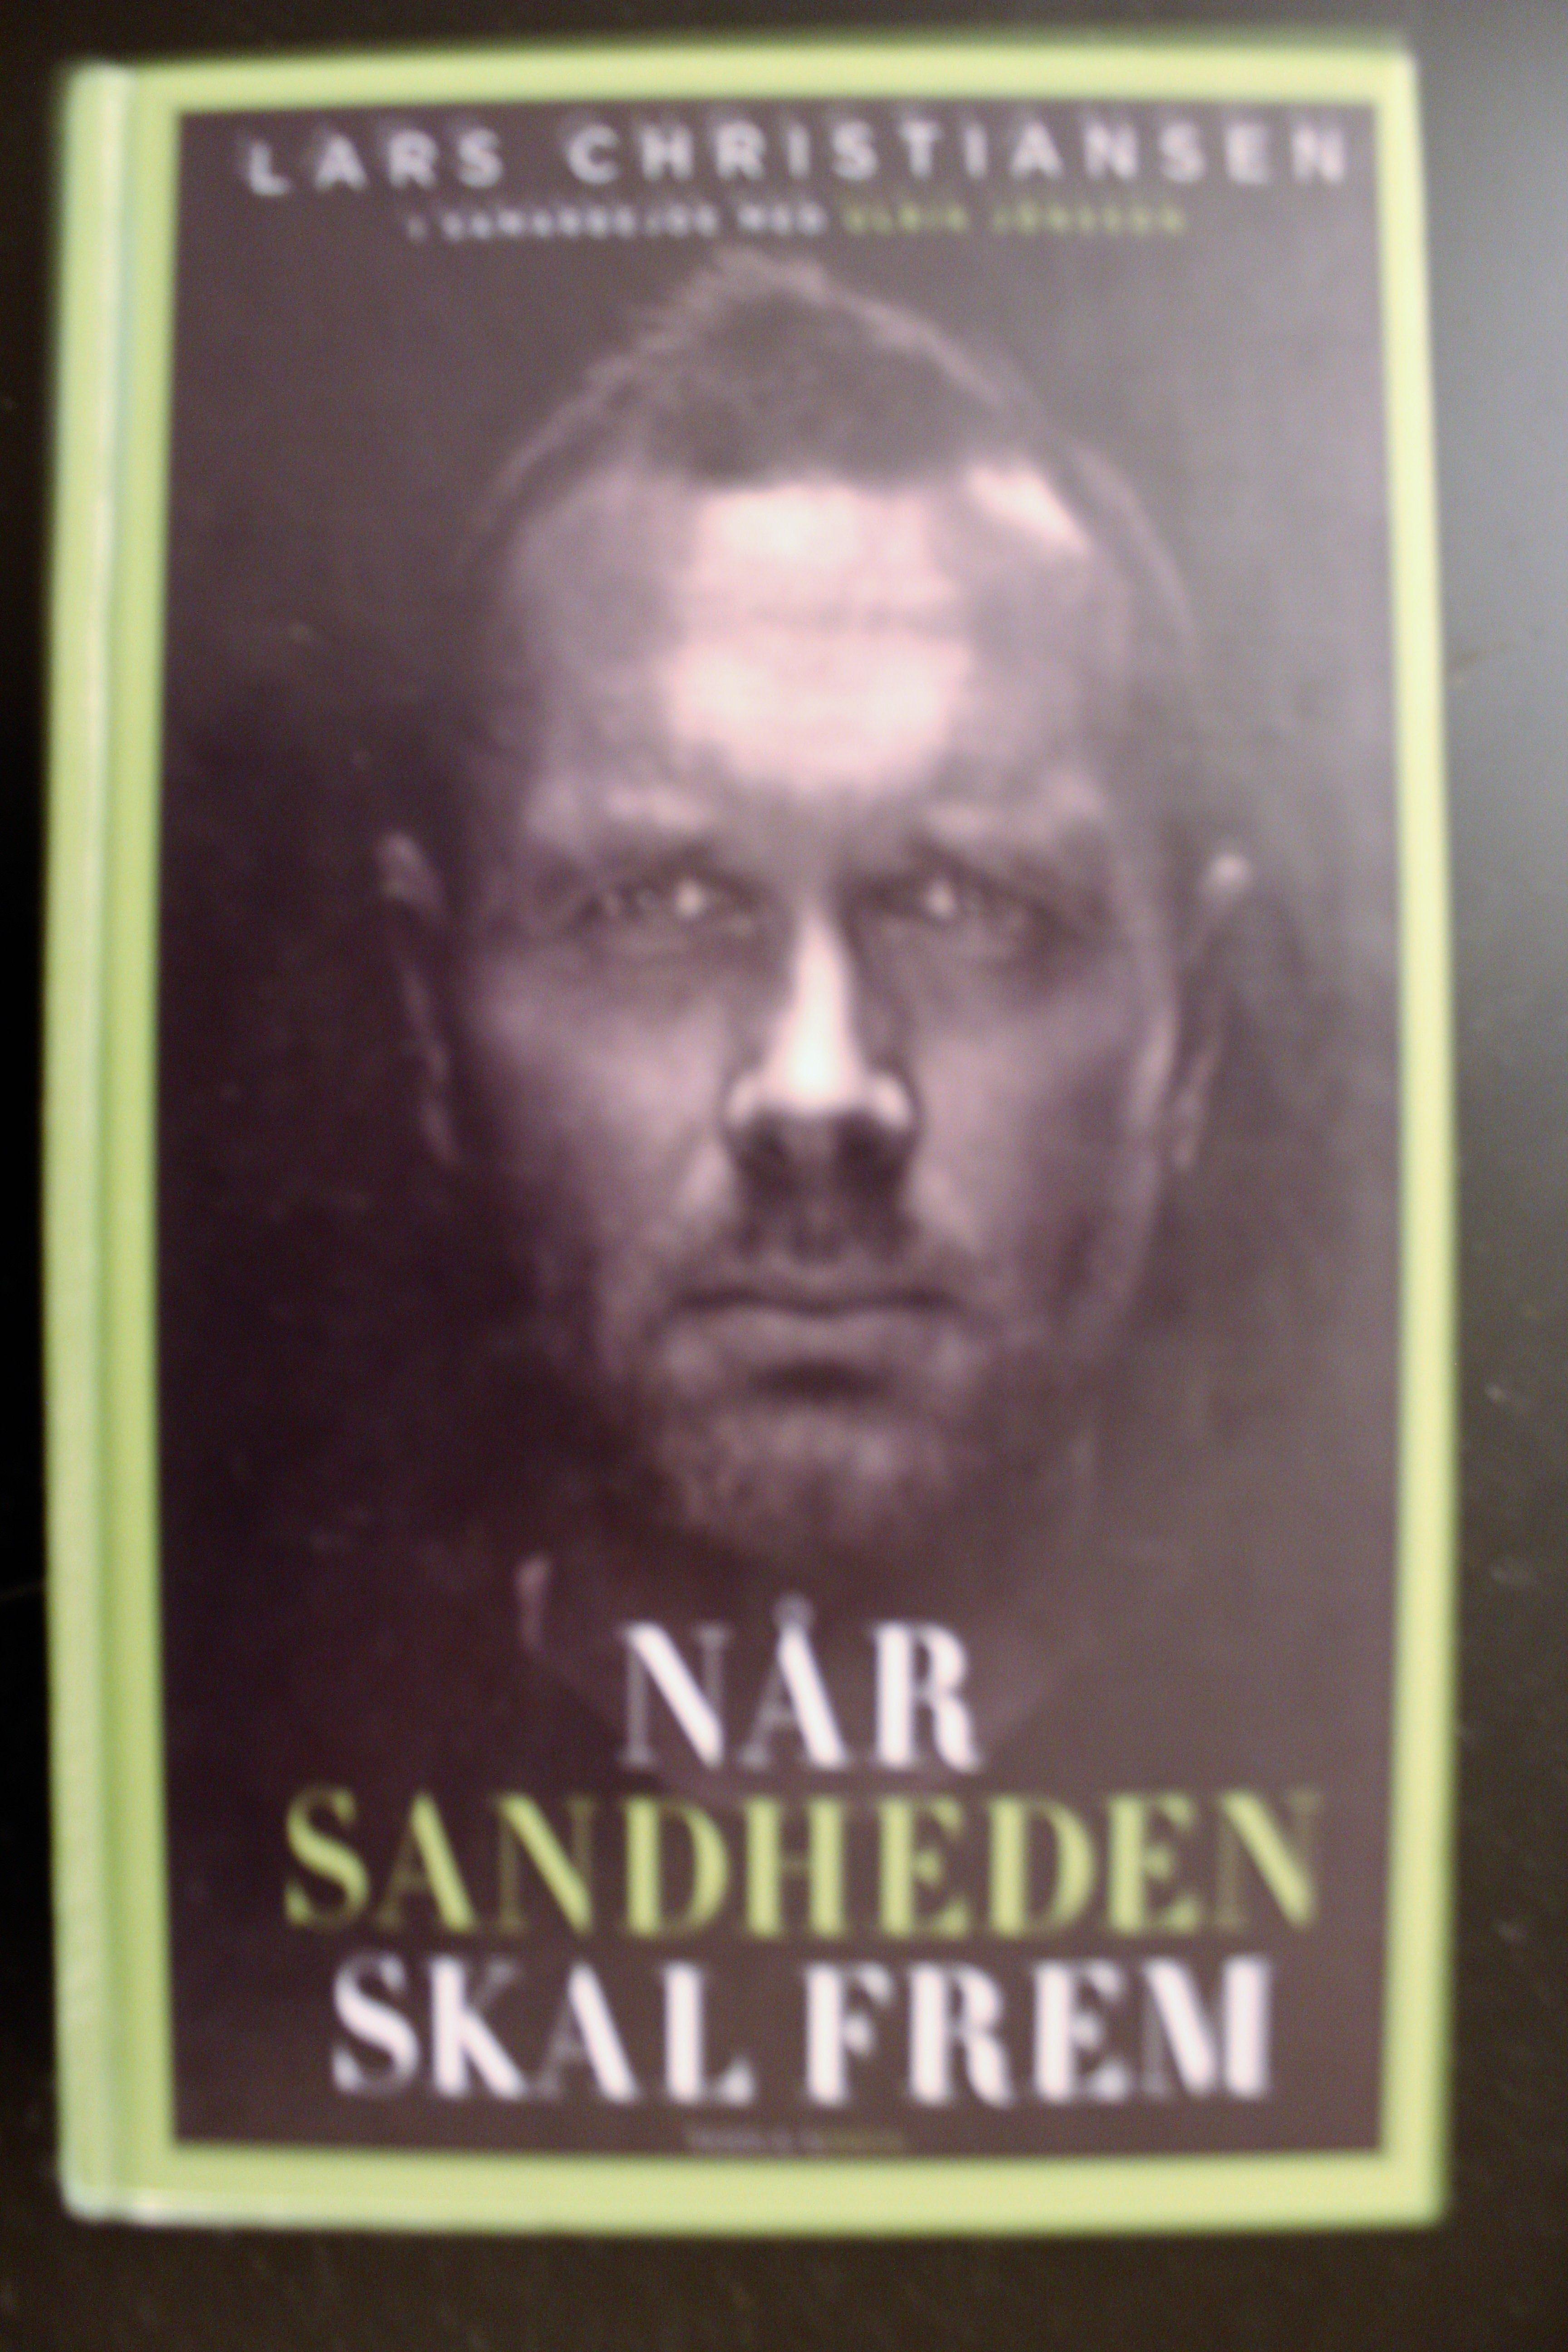 Når sandheden skal frem forfatter Lars Christiansen